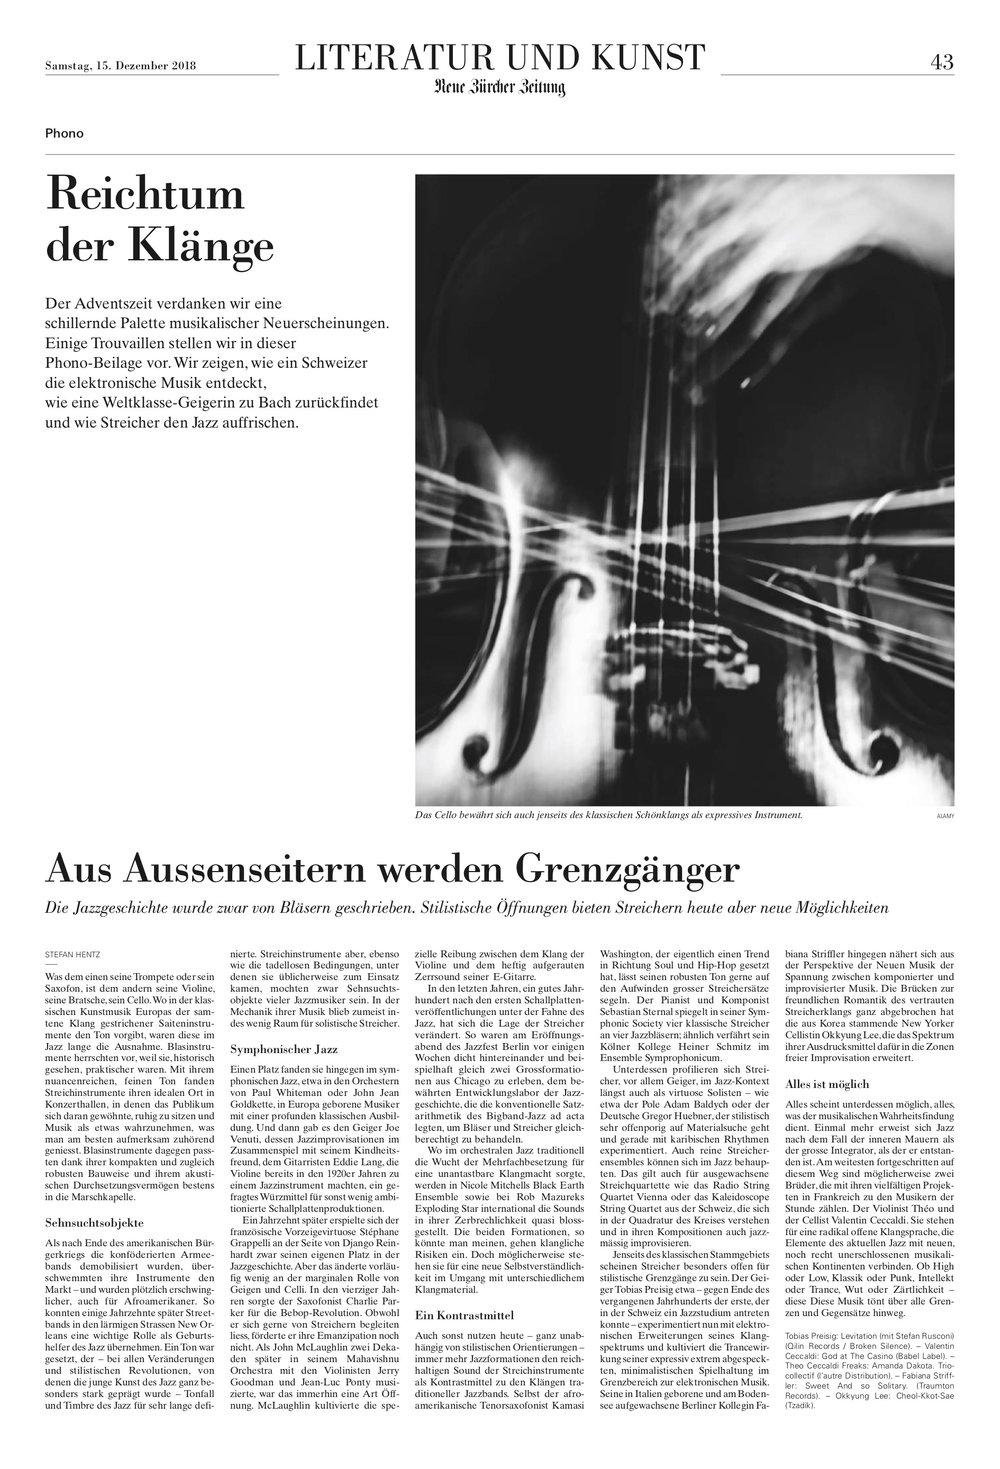 Gesamtausgabe_Neue_Zürcher_Zeitung_2018-12-15.jpg